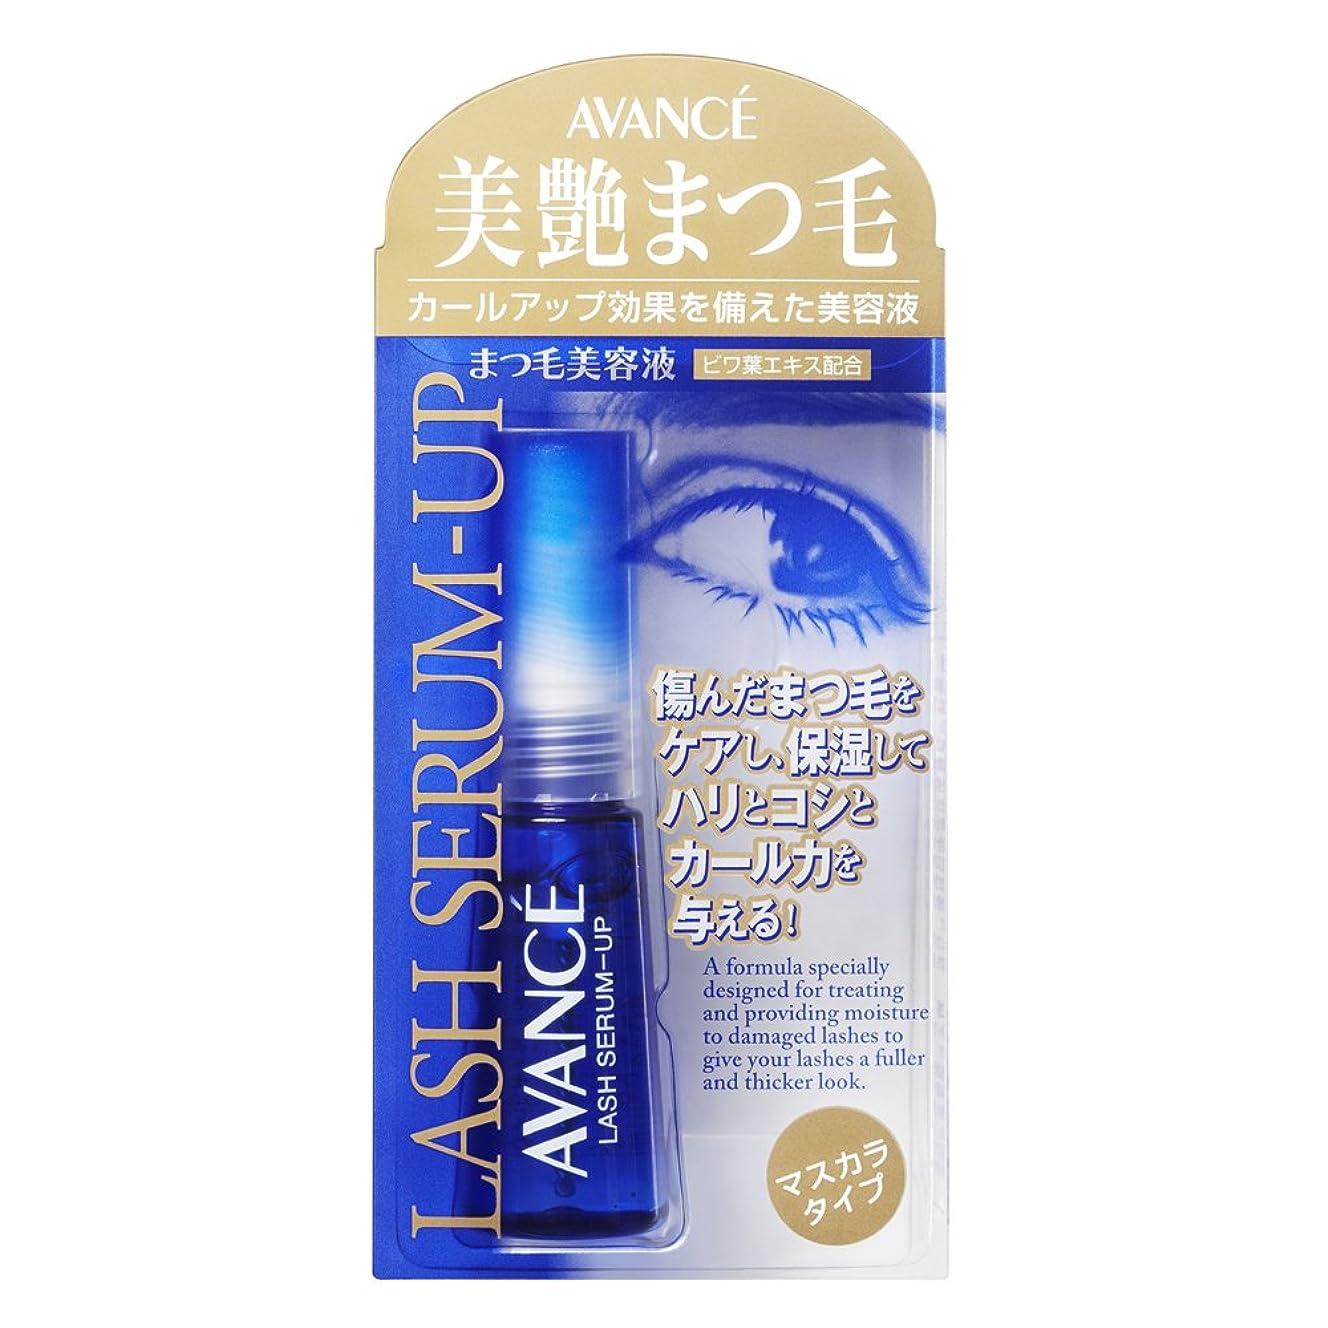 場合液化する可愛いアヴァンセ ラッシュセラム UP 10ml (まつげ美容液)